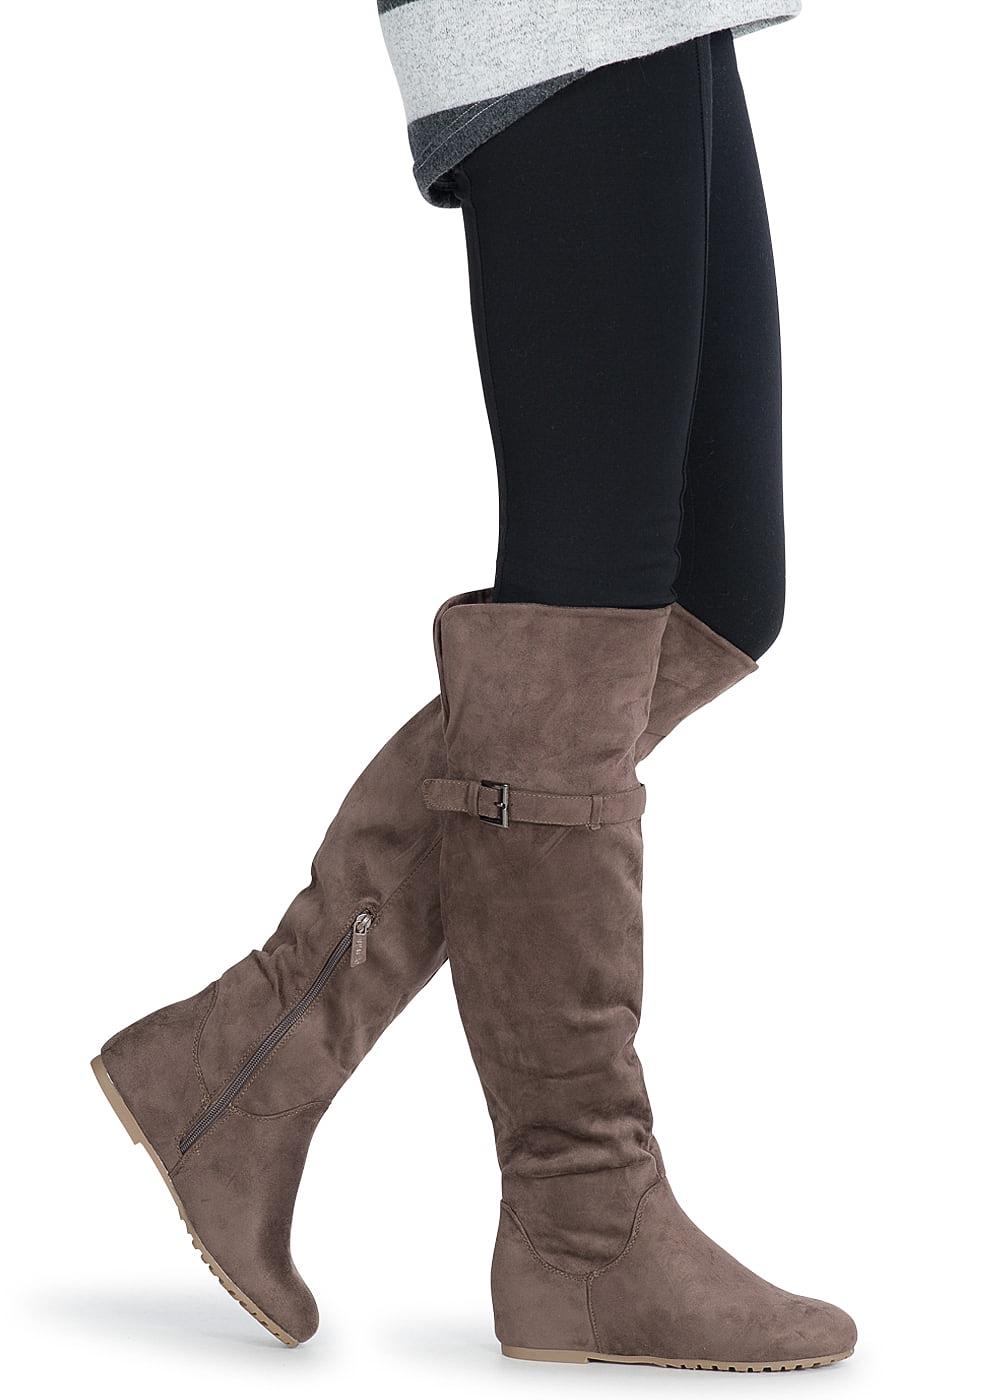 0cc62cdf88a82d Seventyseven Lifestyle Schuh Overknee Stiefel mit deko Schnalle ...